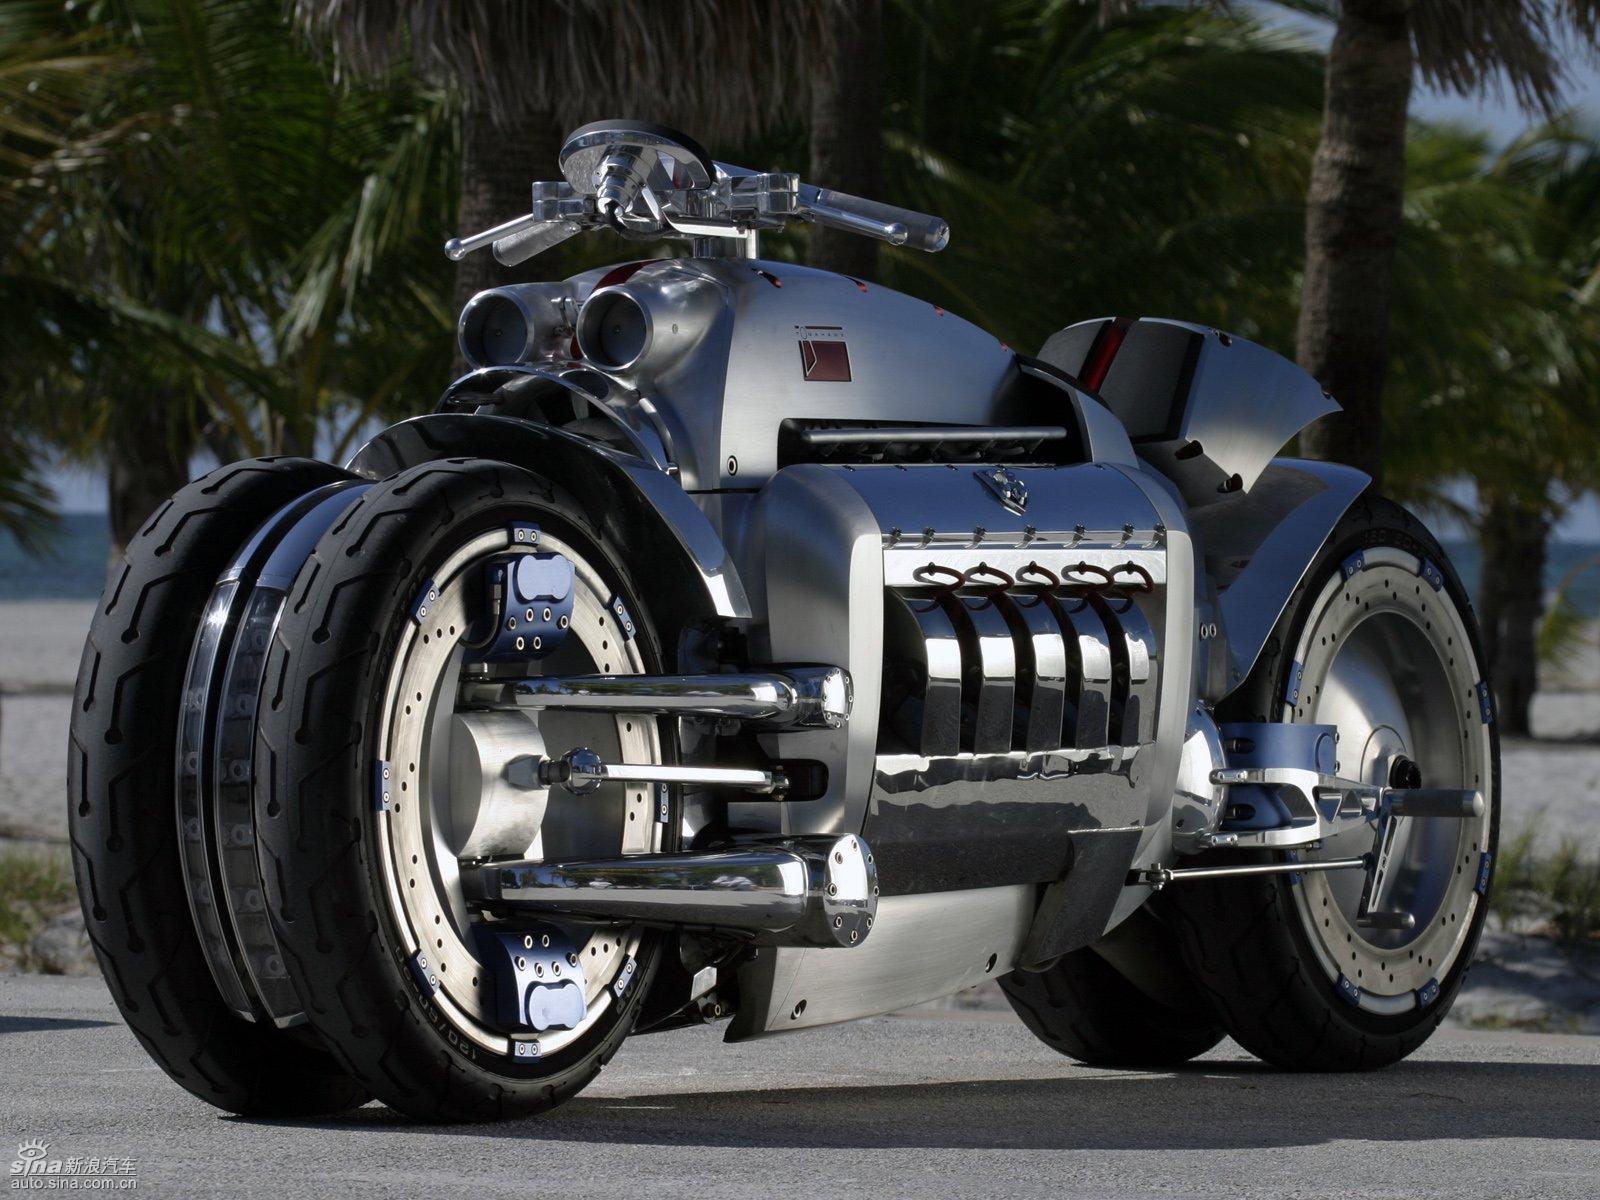 超级摩托车道奇战斧图片欣赏_图片